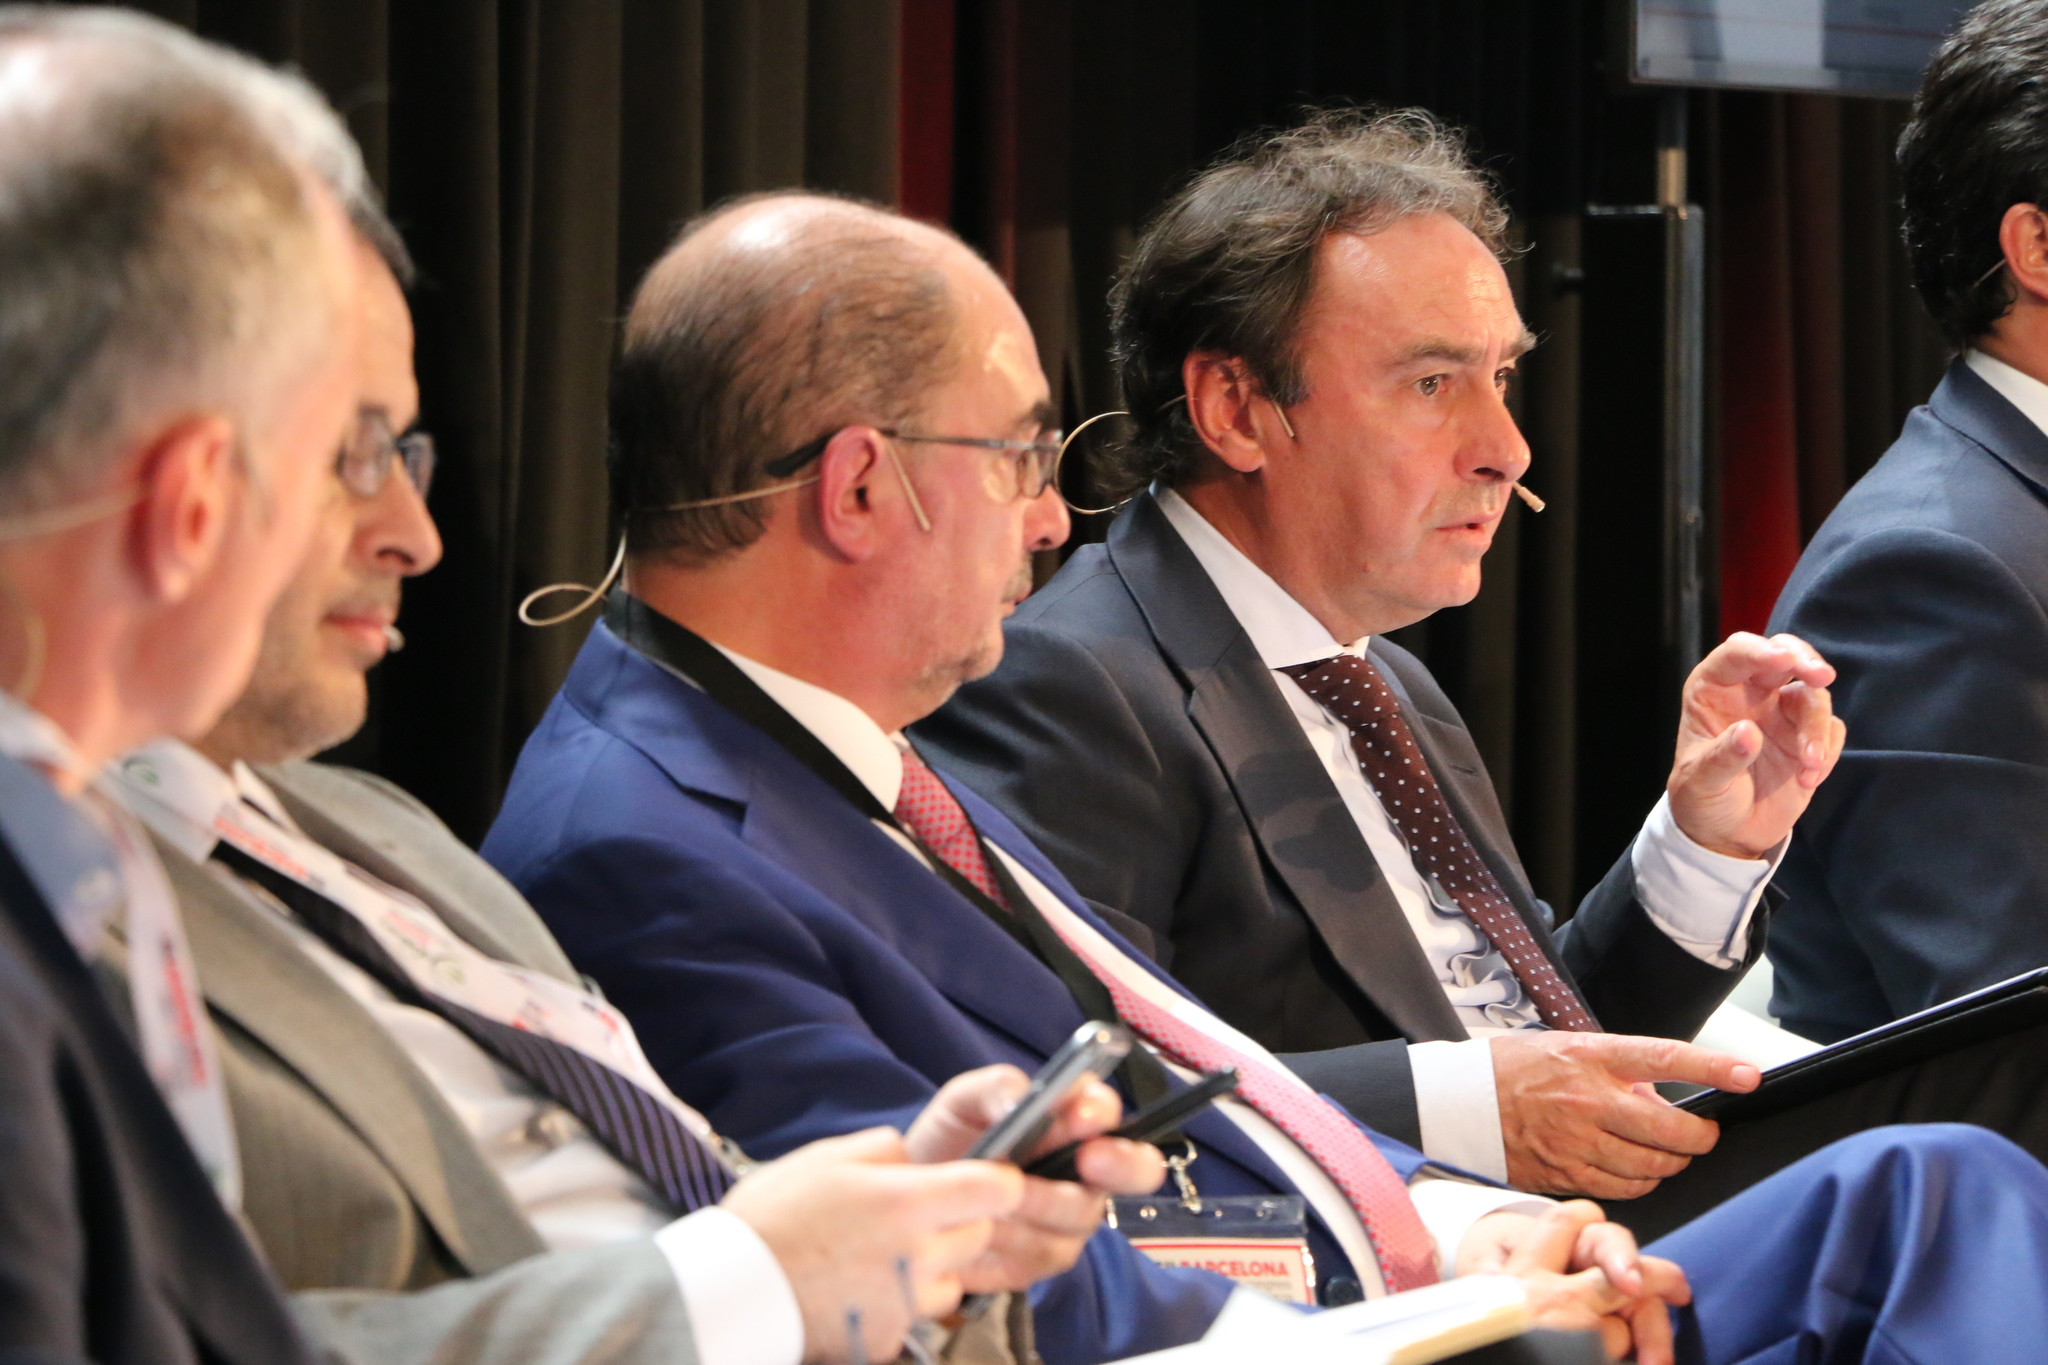 El viceconsejero Antonio Aiz durante su intervención en el Salón Internacional de Logística de Barcelona.